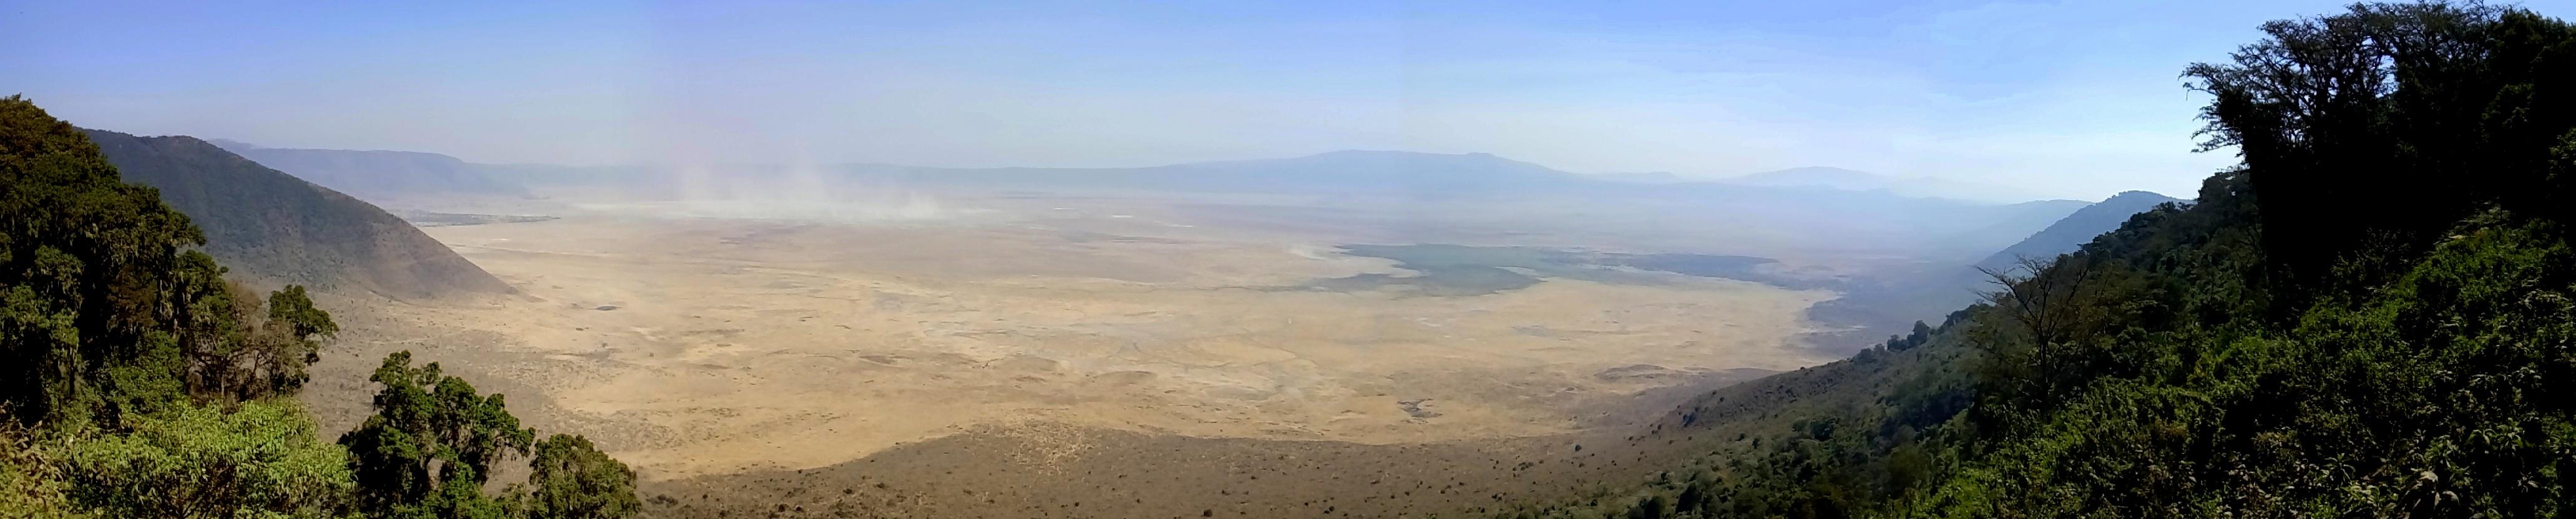 safari en el interior del cráter